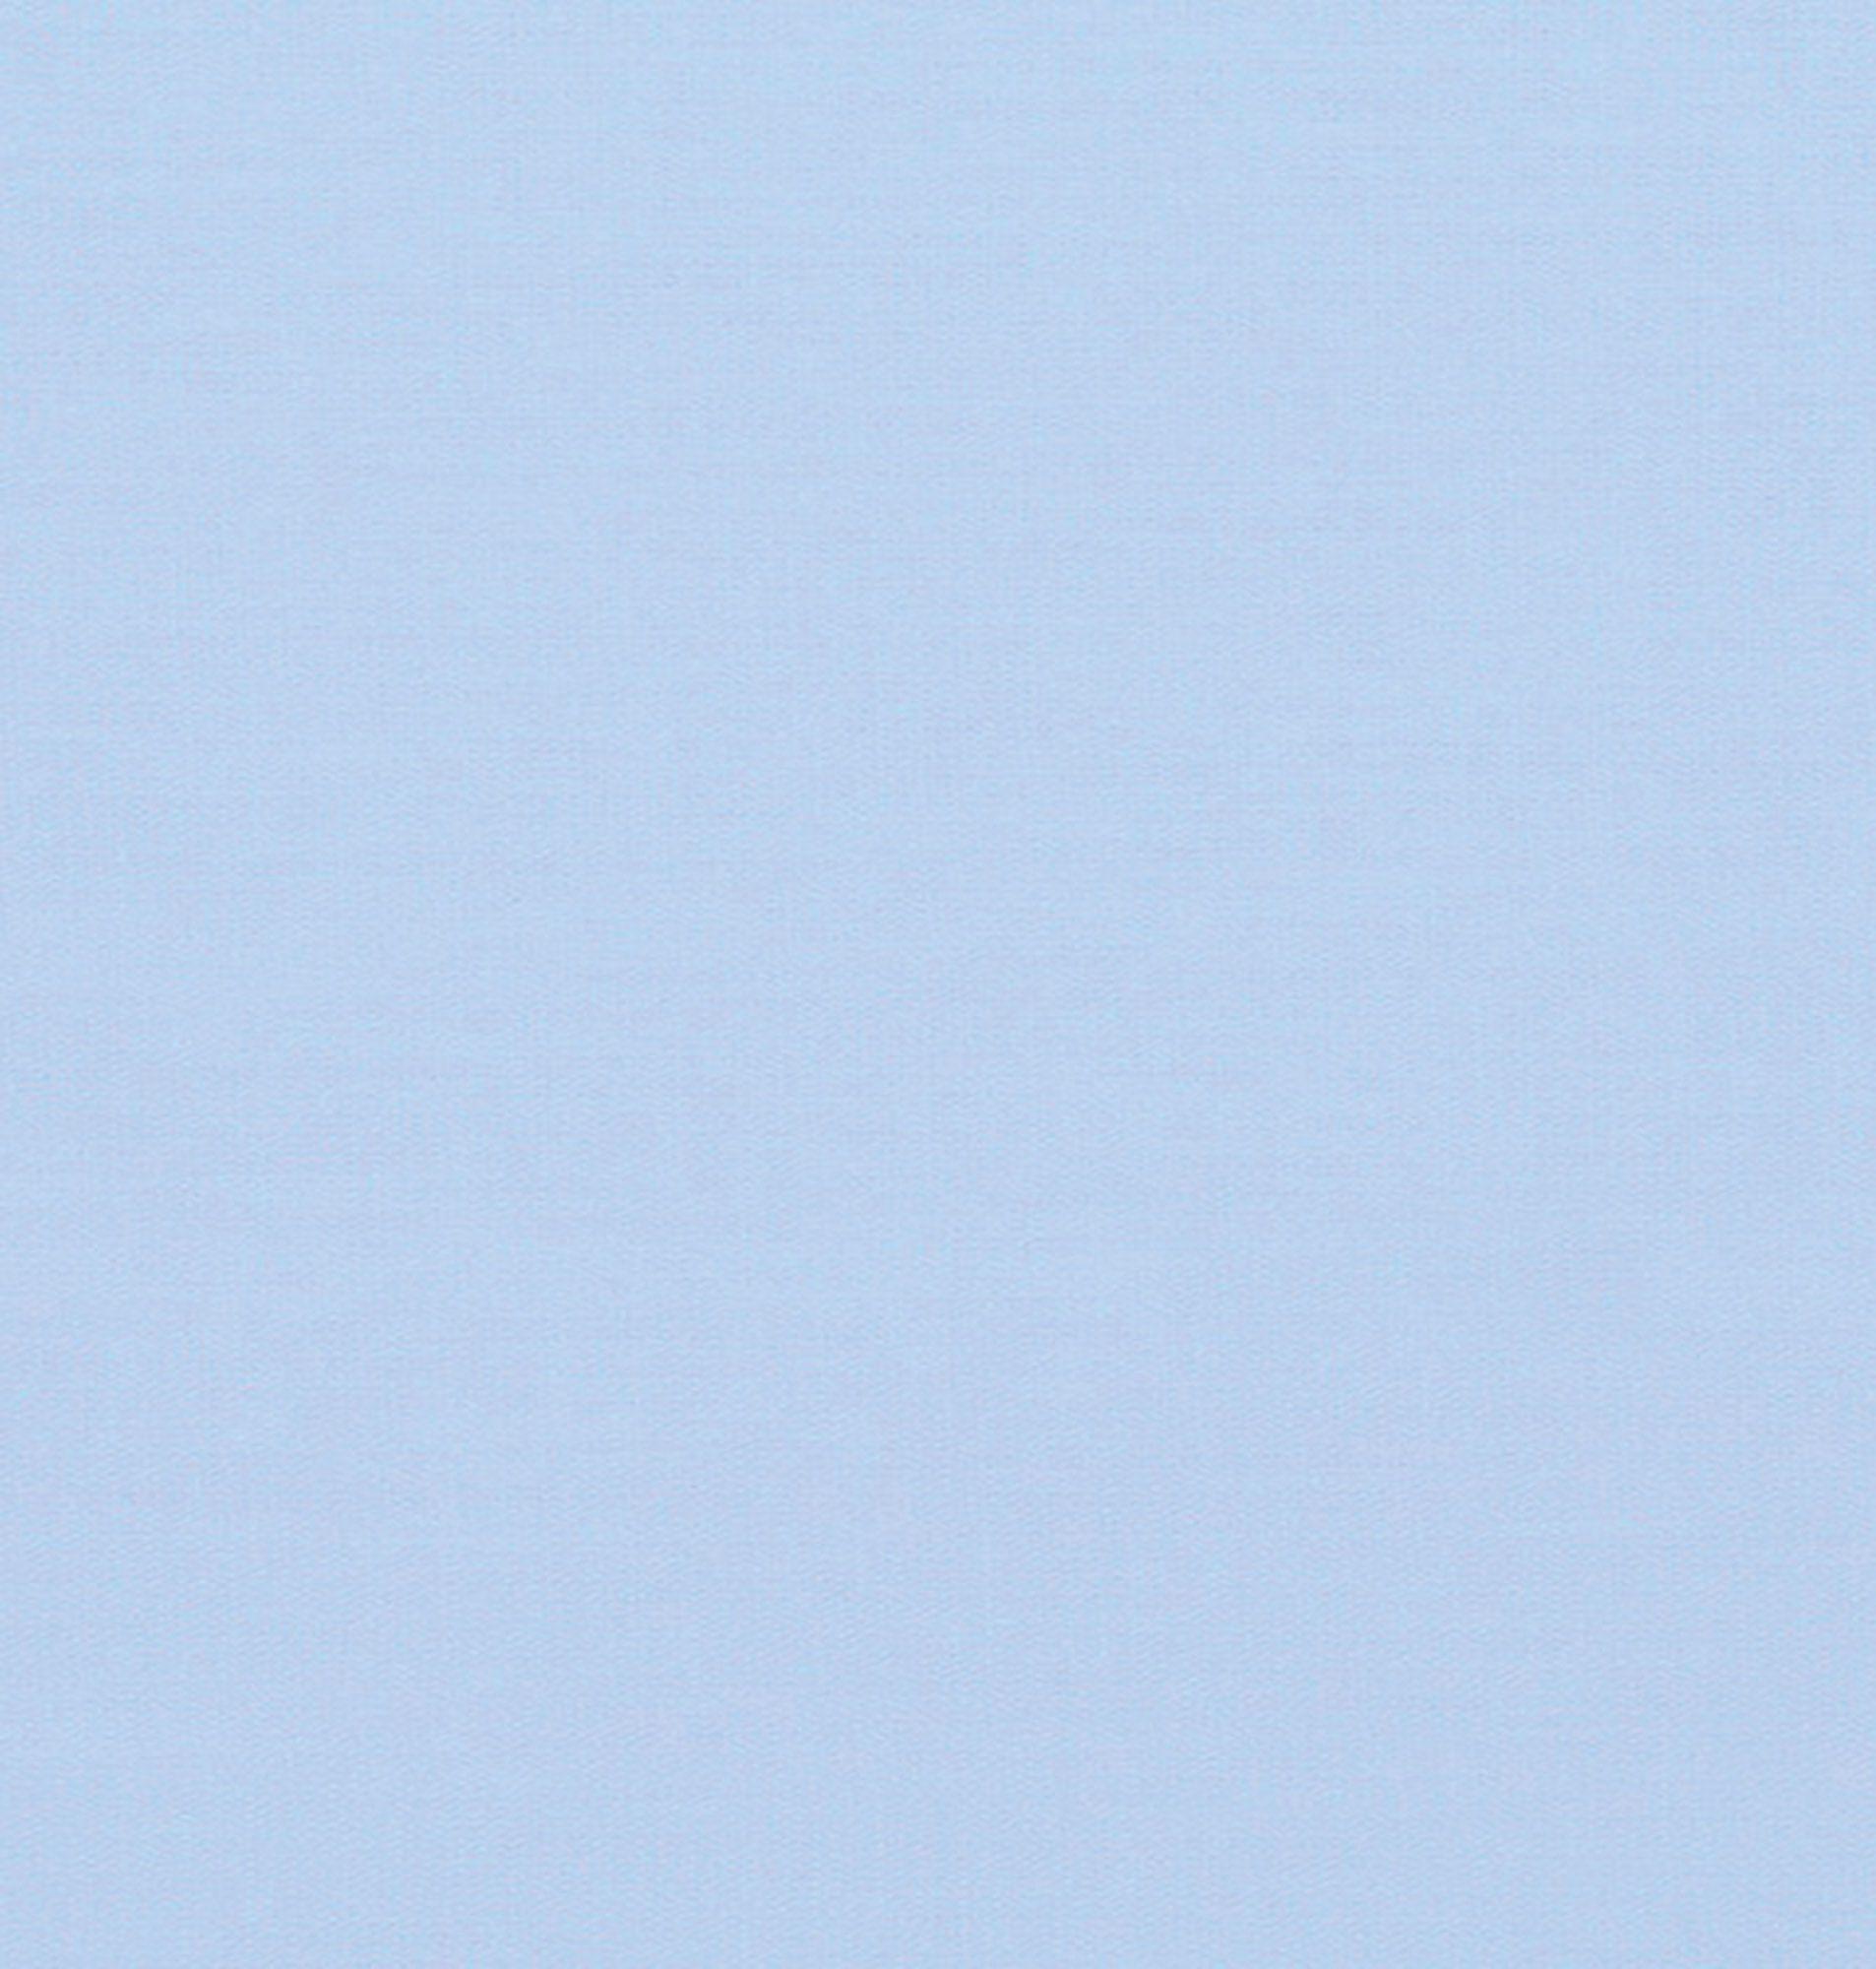 Tecido tricoline liso dohler 100% algodão azul claro